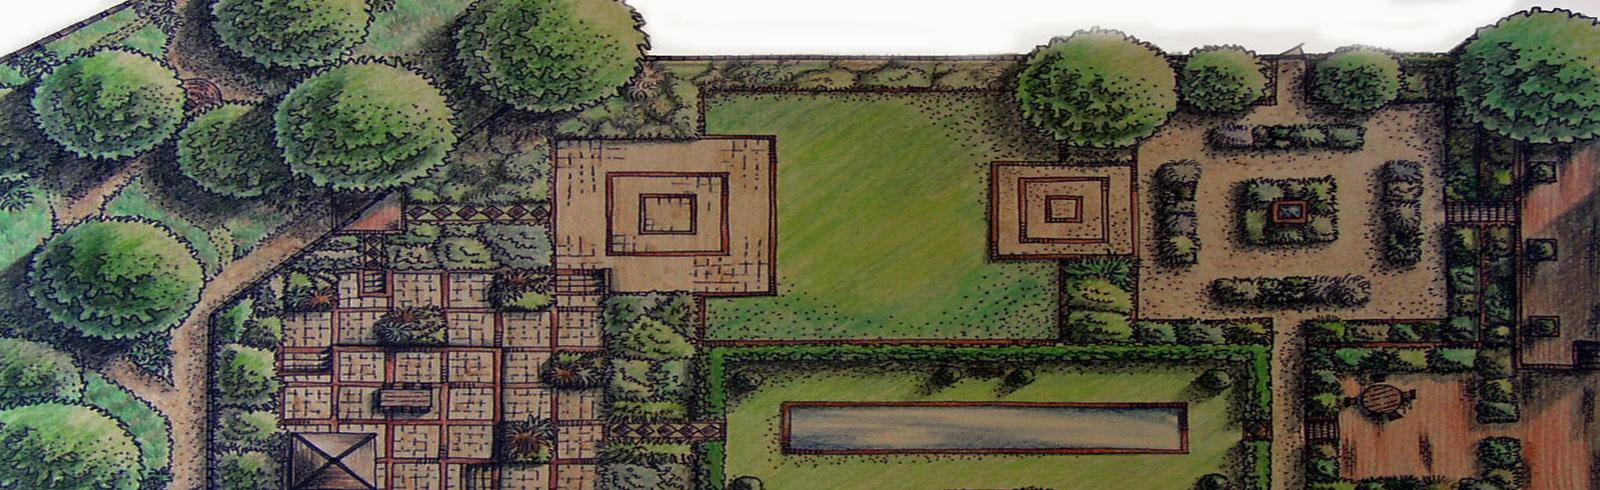 Gartenbau Linz 08331020180131 gartengestaltung linz am rhein inspiration schöner